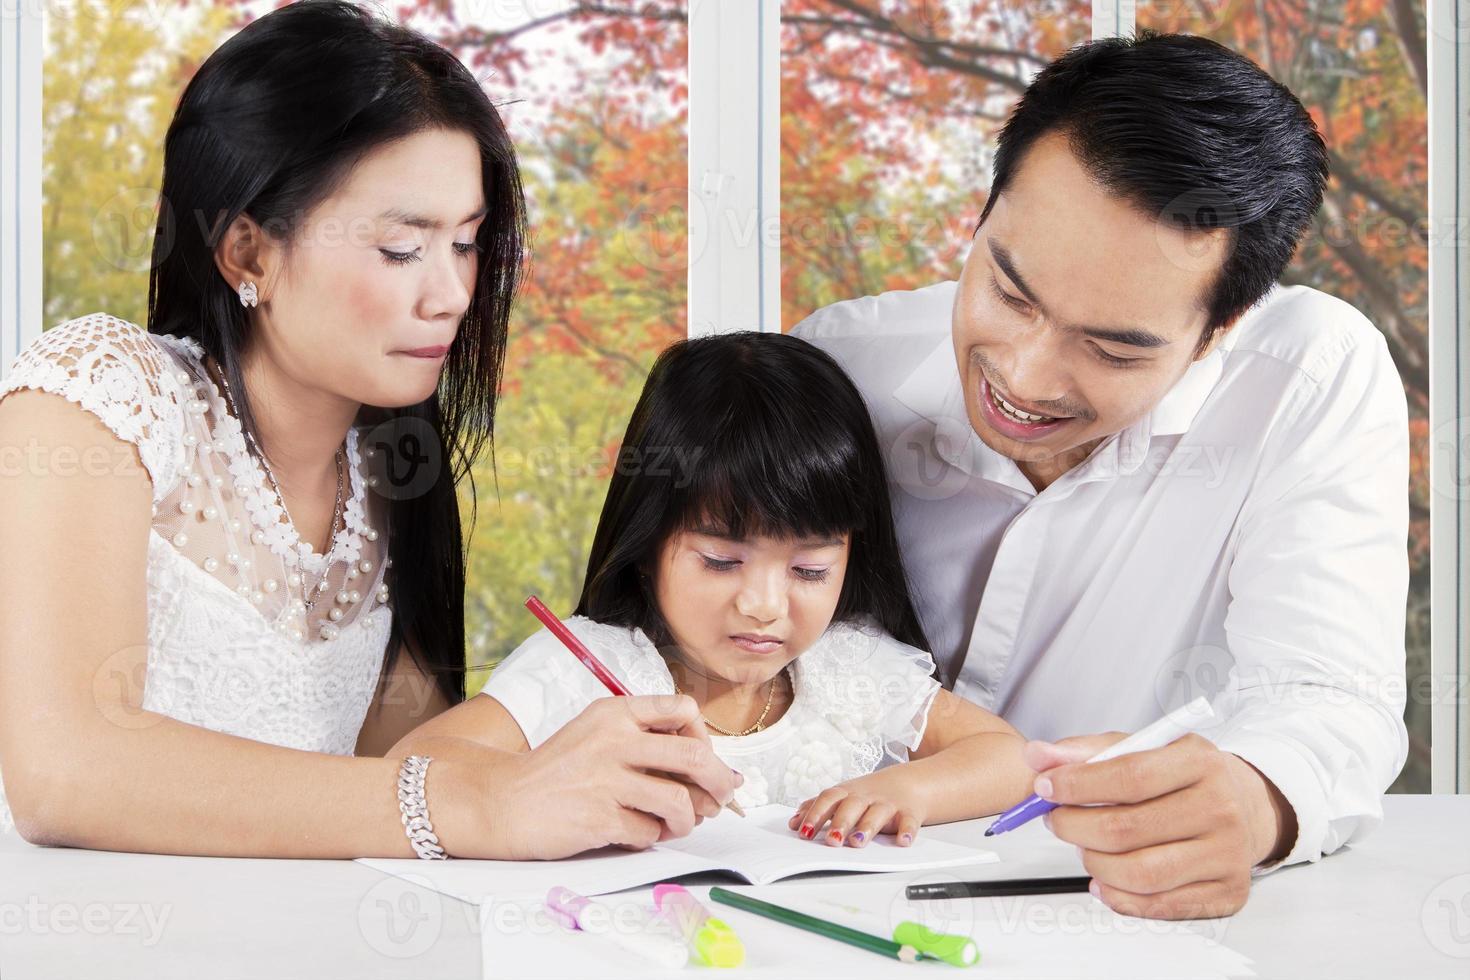 Modern family doing homework on table photo